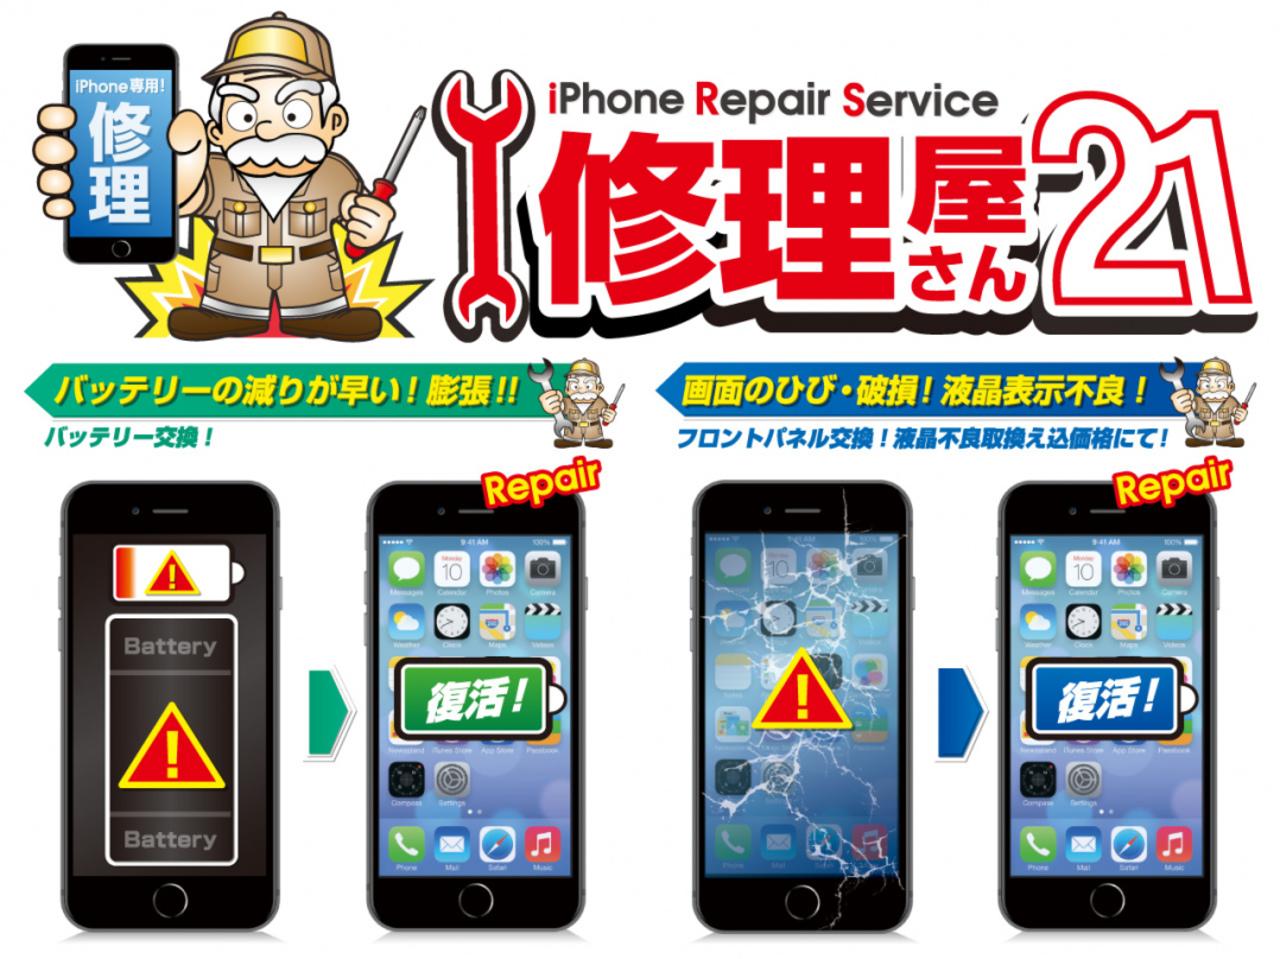 【はんこ屋さん21 高円寺店】iPhone修理サービスの受付スタートしました